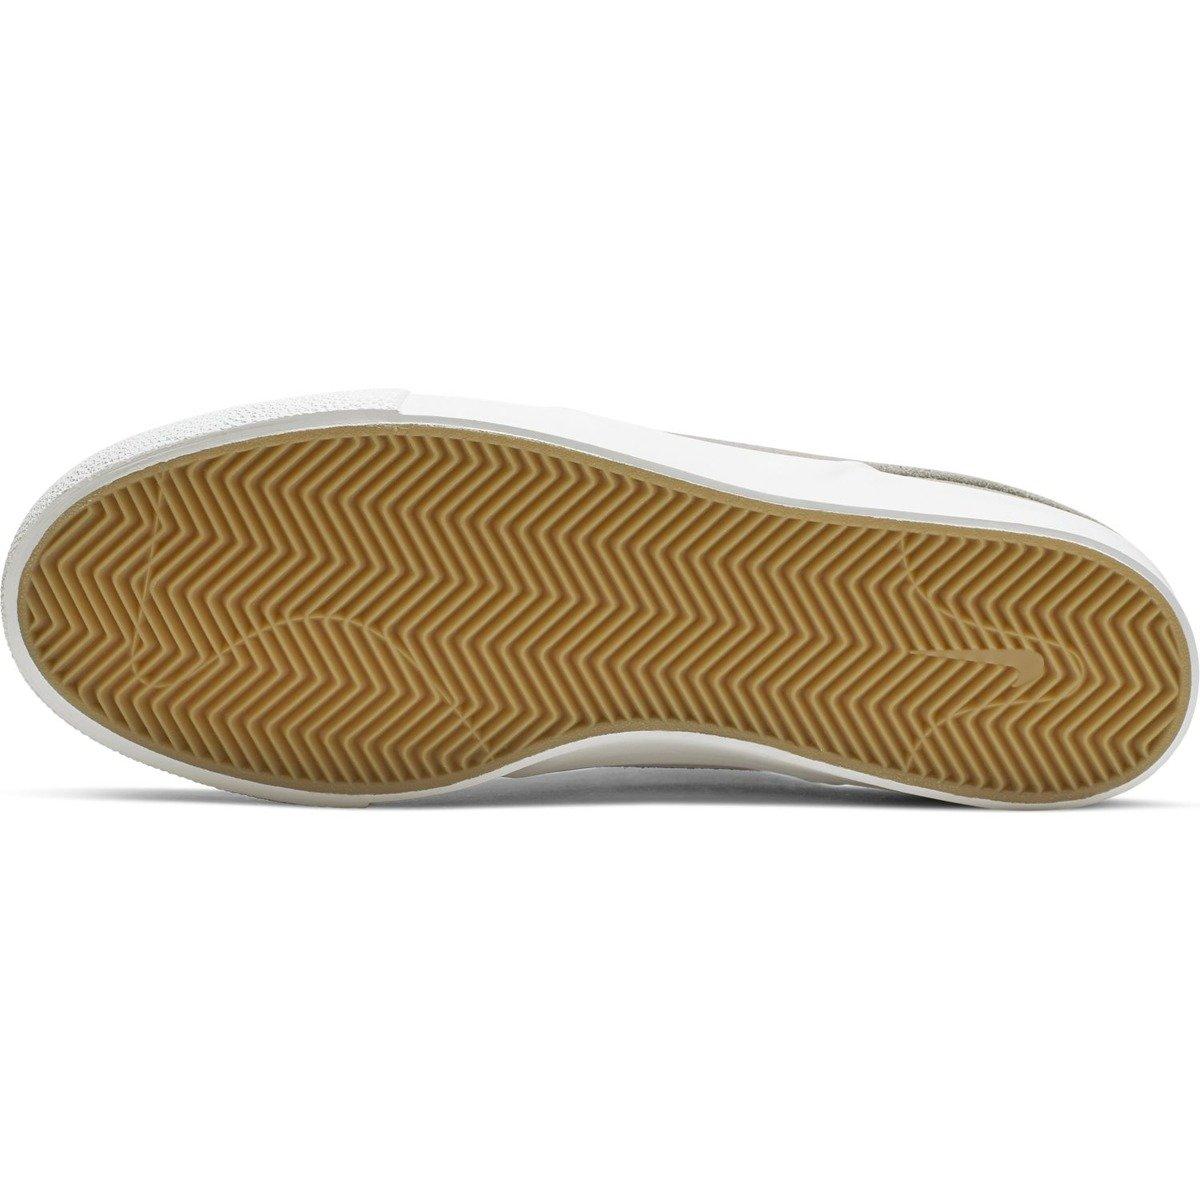 size 40 9ec54 3c326 ... Nike Sb Zoom Stefan Janoski RM Atmosphere Grey white-dark Grey Click to  zoom